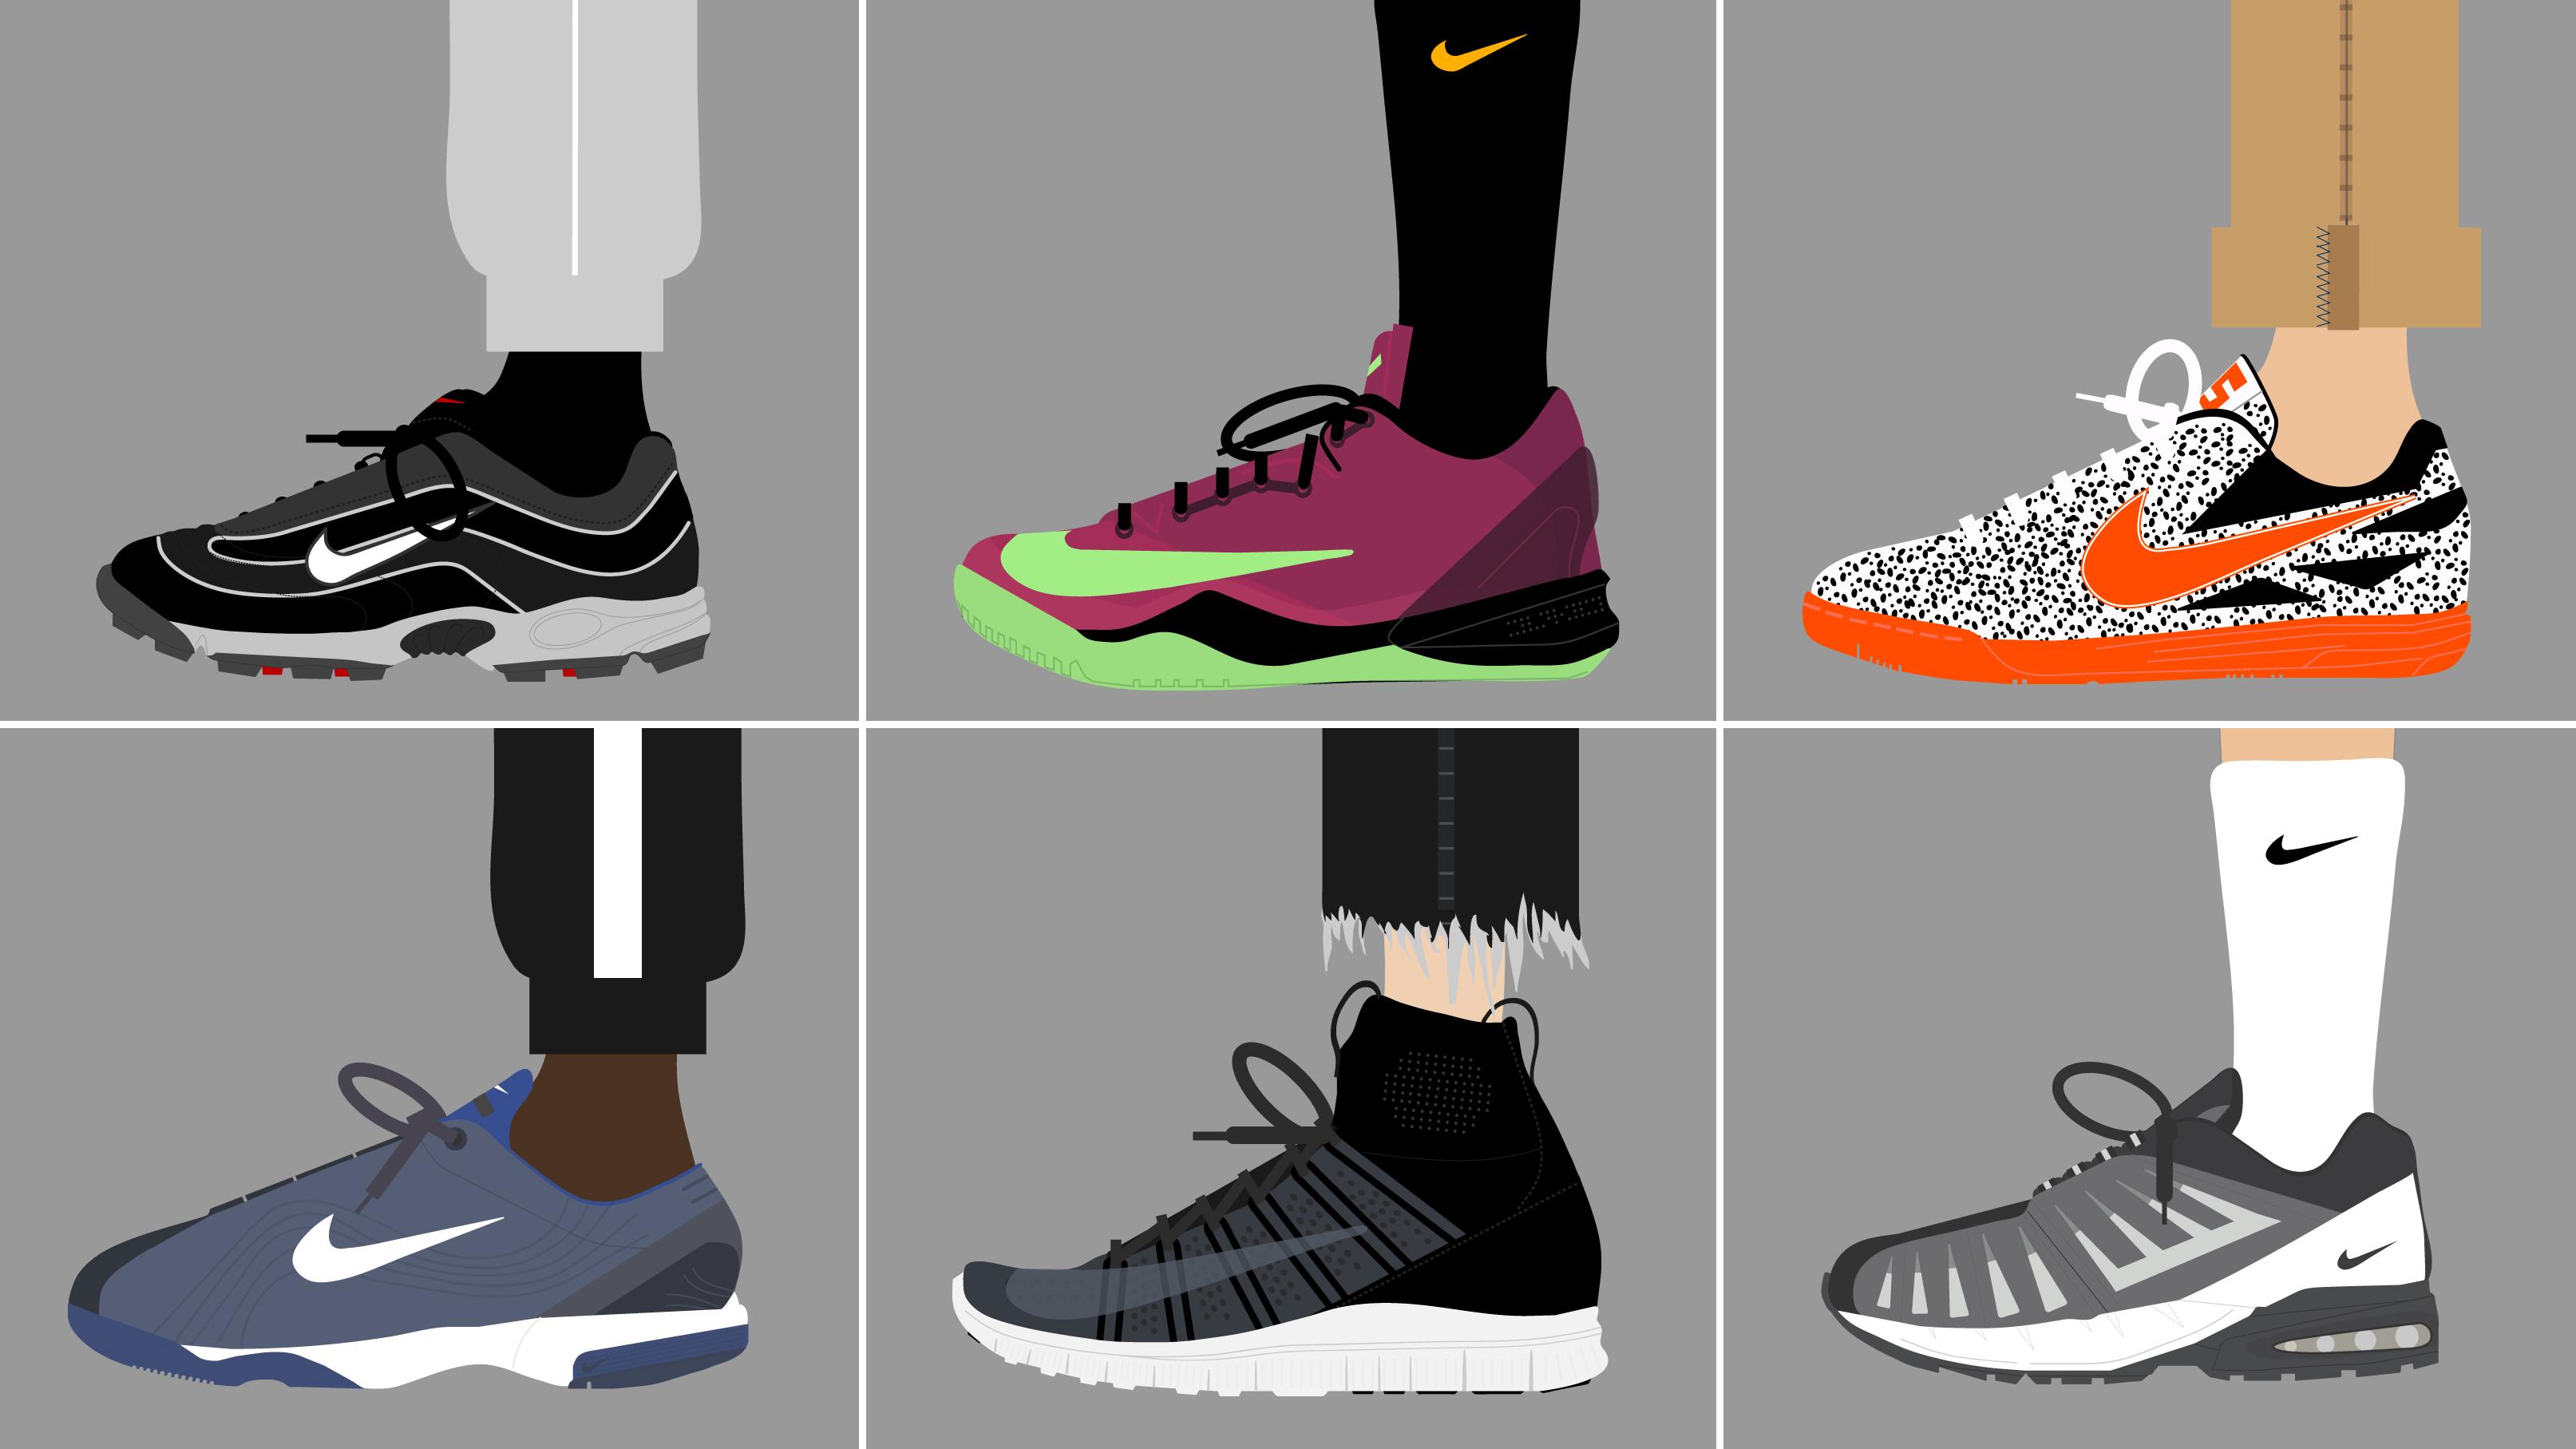 Sejarah Sepatu Nike Mercurial 9273b6f6cf